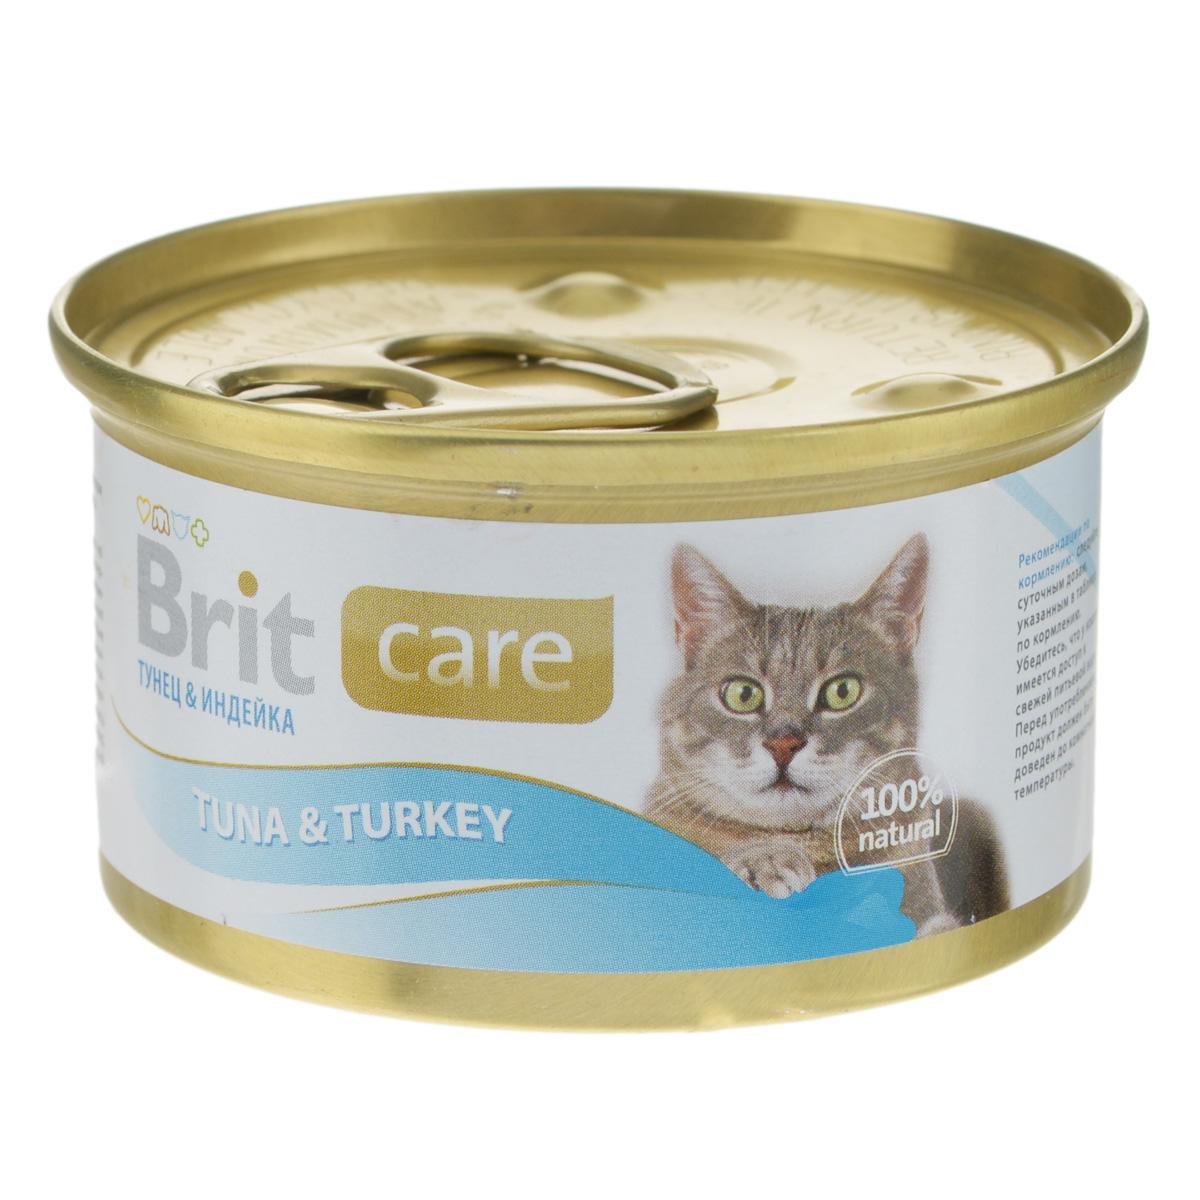 Консервы Brit Care Tuna & Turkey для кошек, тунец и индейка, 80 г100063Консервы для кошек Tuna & Turkey изготовлены из натуральных, гипоаллергенных и легко усваиваемых компонентов, которые не отягощают организм, и предохраняют от пищевой непереносимости организма. Brit Care способствует образованию благоприятной среды в организме кошки и улучшает качество жизни вашей кошки. Состав: тунец 40%, индейка 5%, рис, вода. Содержание питательных веществ: протеин 11%, жир 0,3%, зола 2%, клетчатка 1%, влажность 85%. Товар сертифицирован.